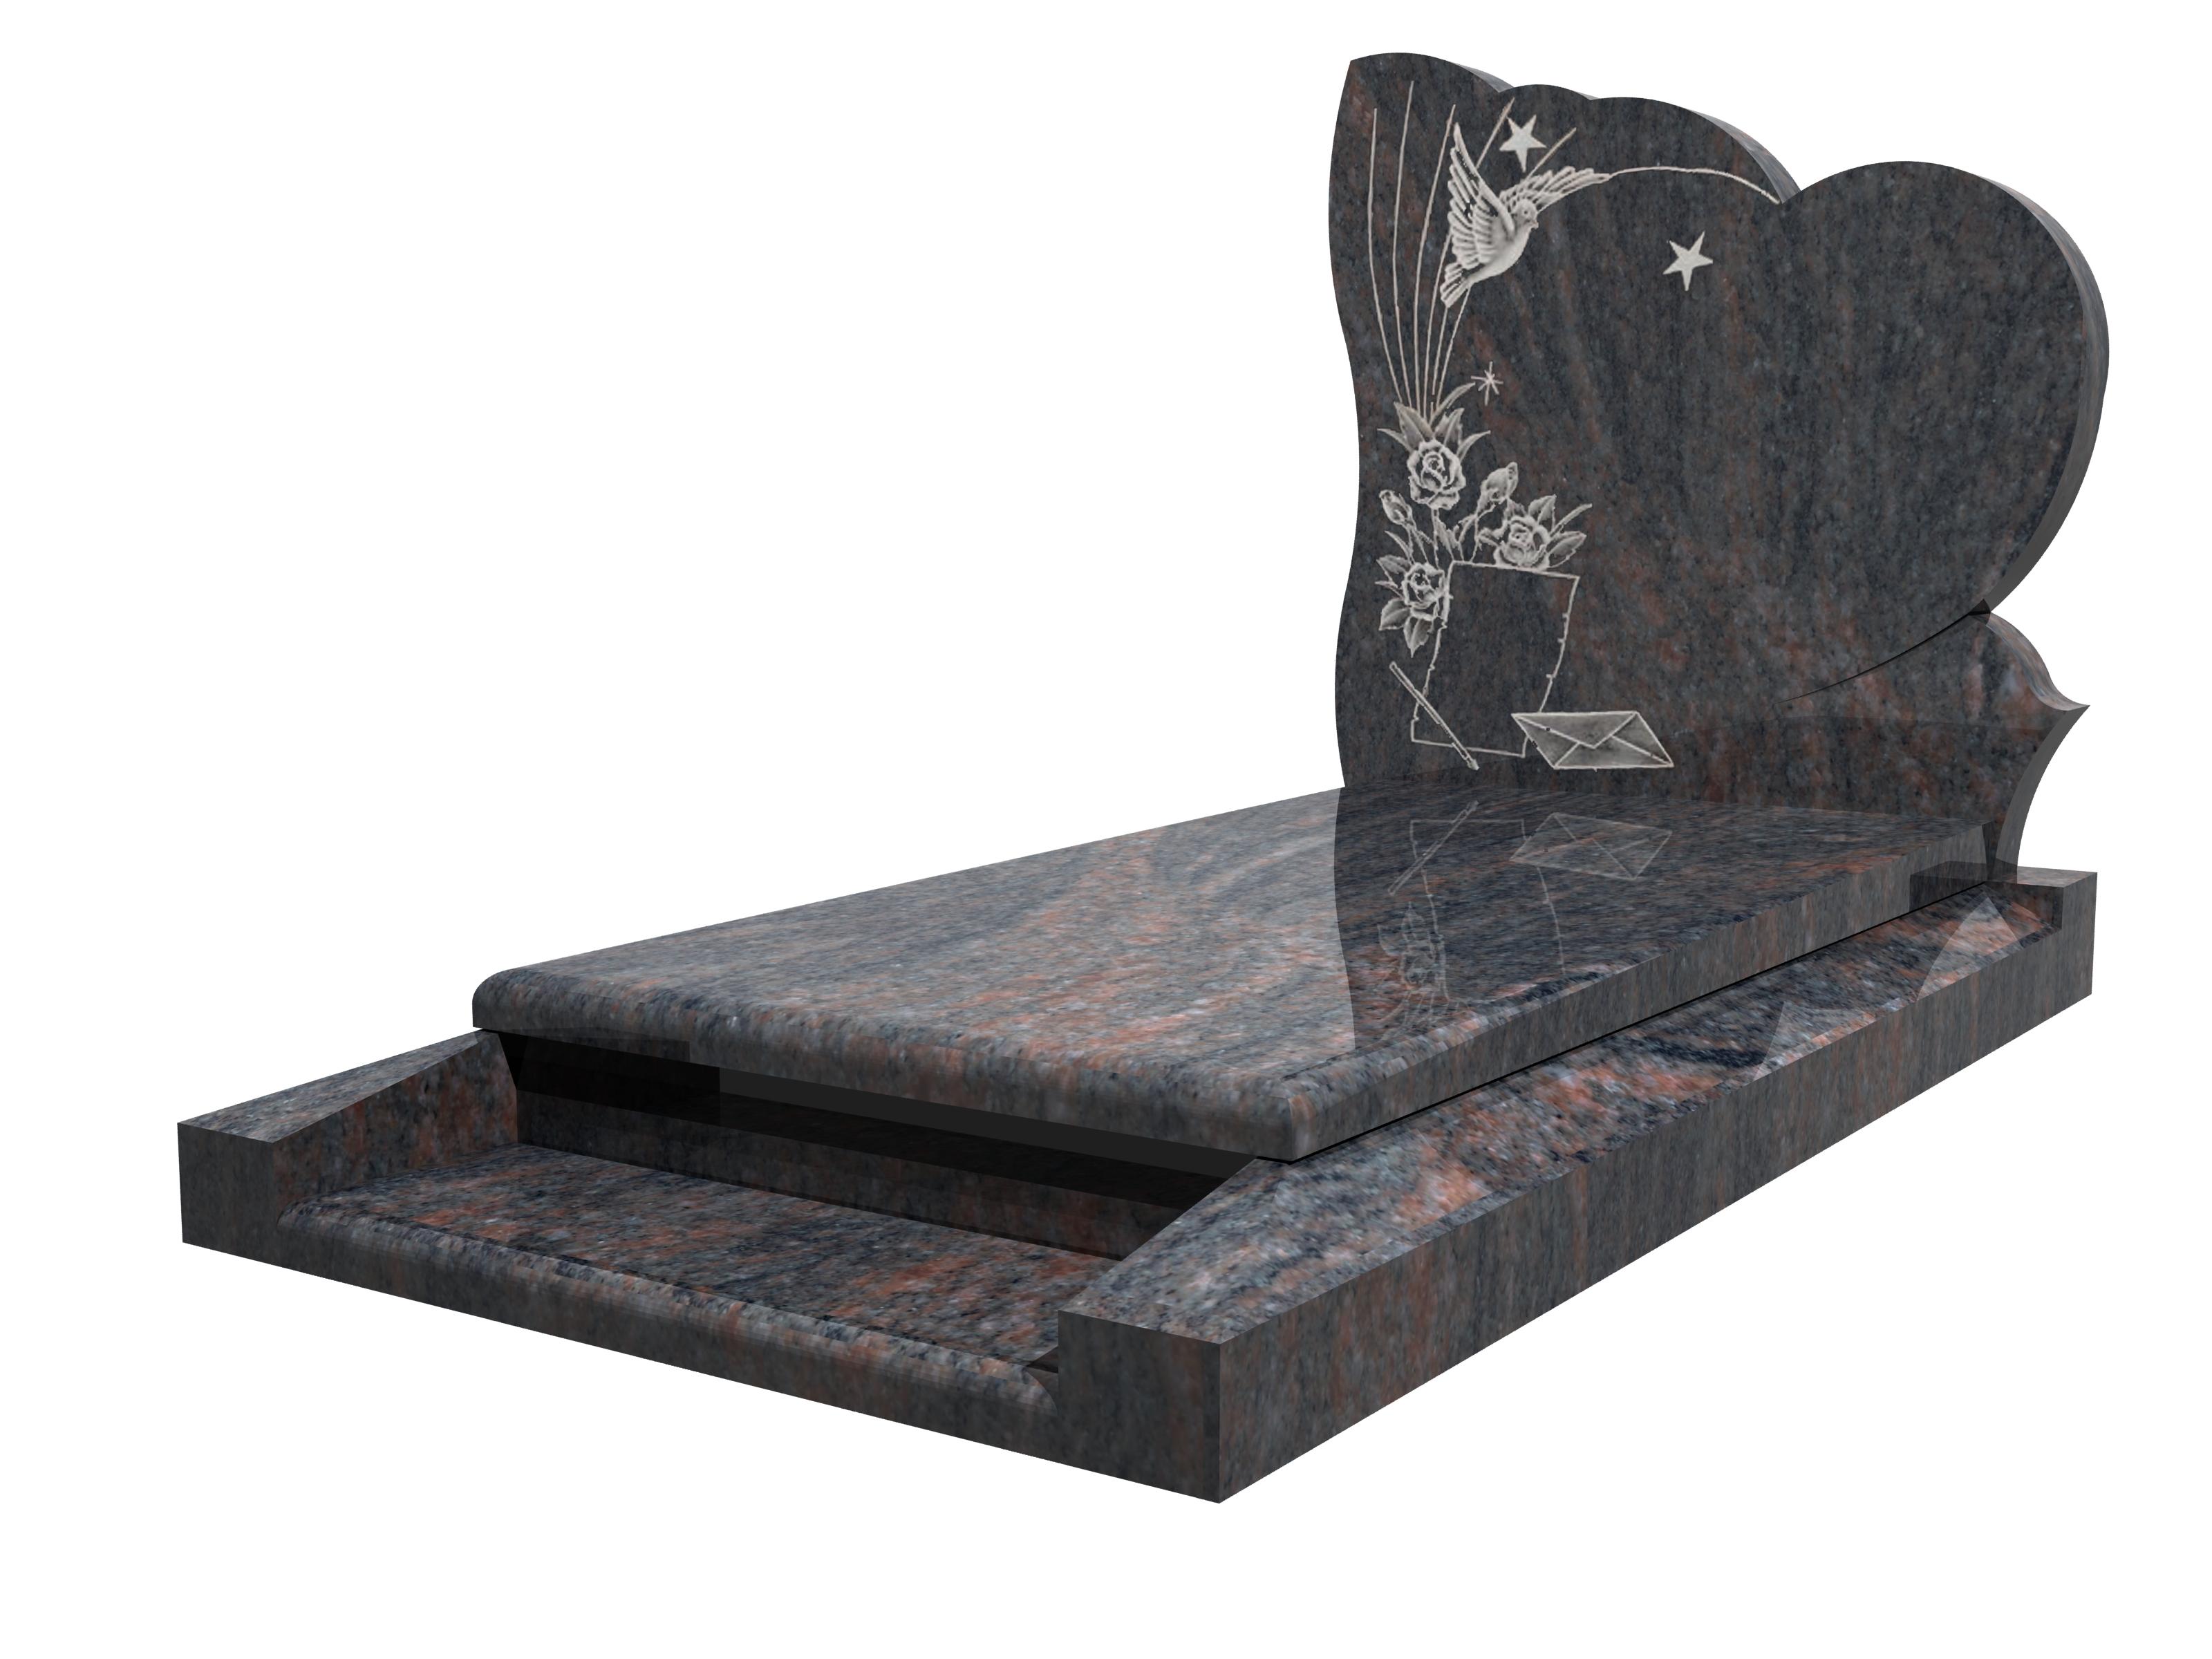 dessin stelé, dessin tombe, sablage stèle, sablage monument alsace